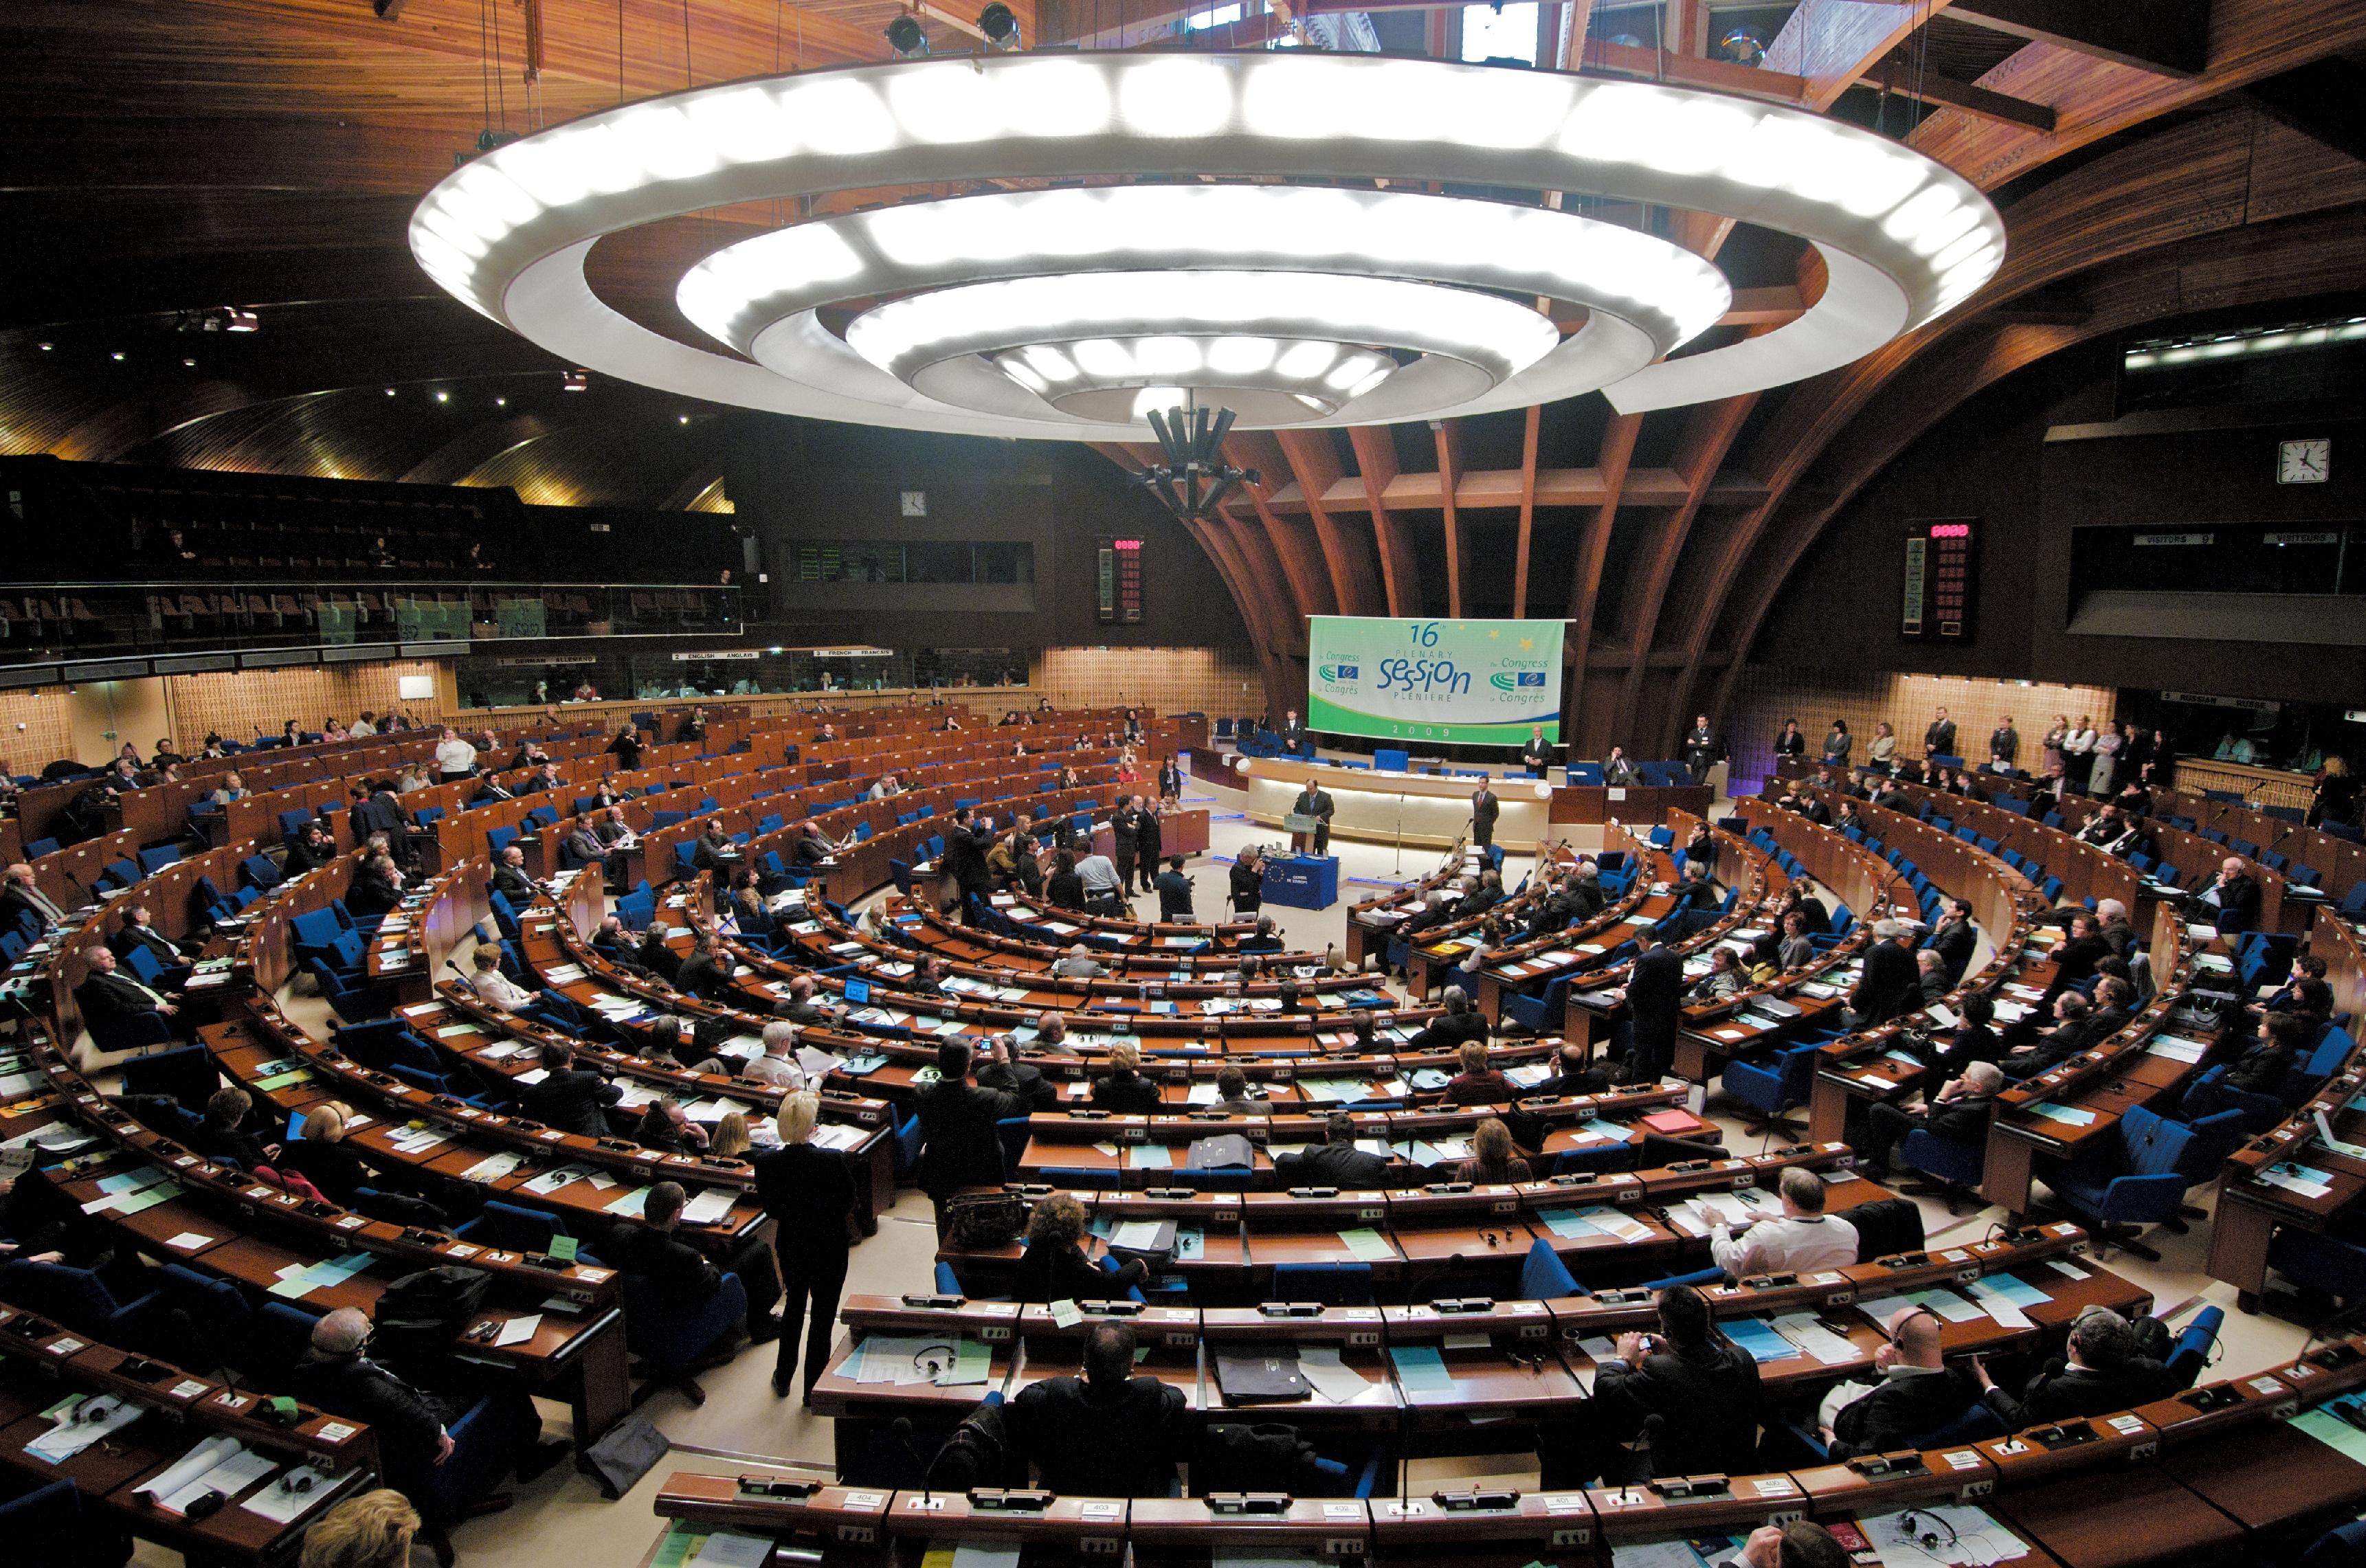 Turquía es miembro fundador del Consejo de Europa, desde 1949.